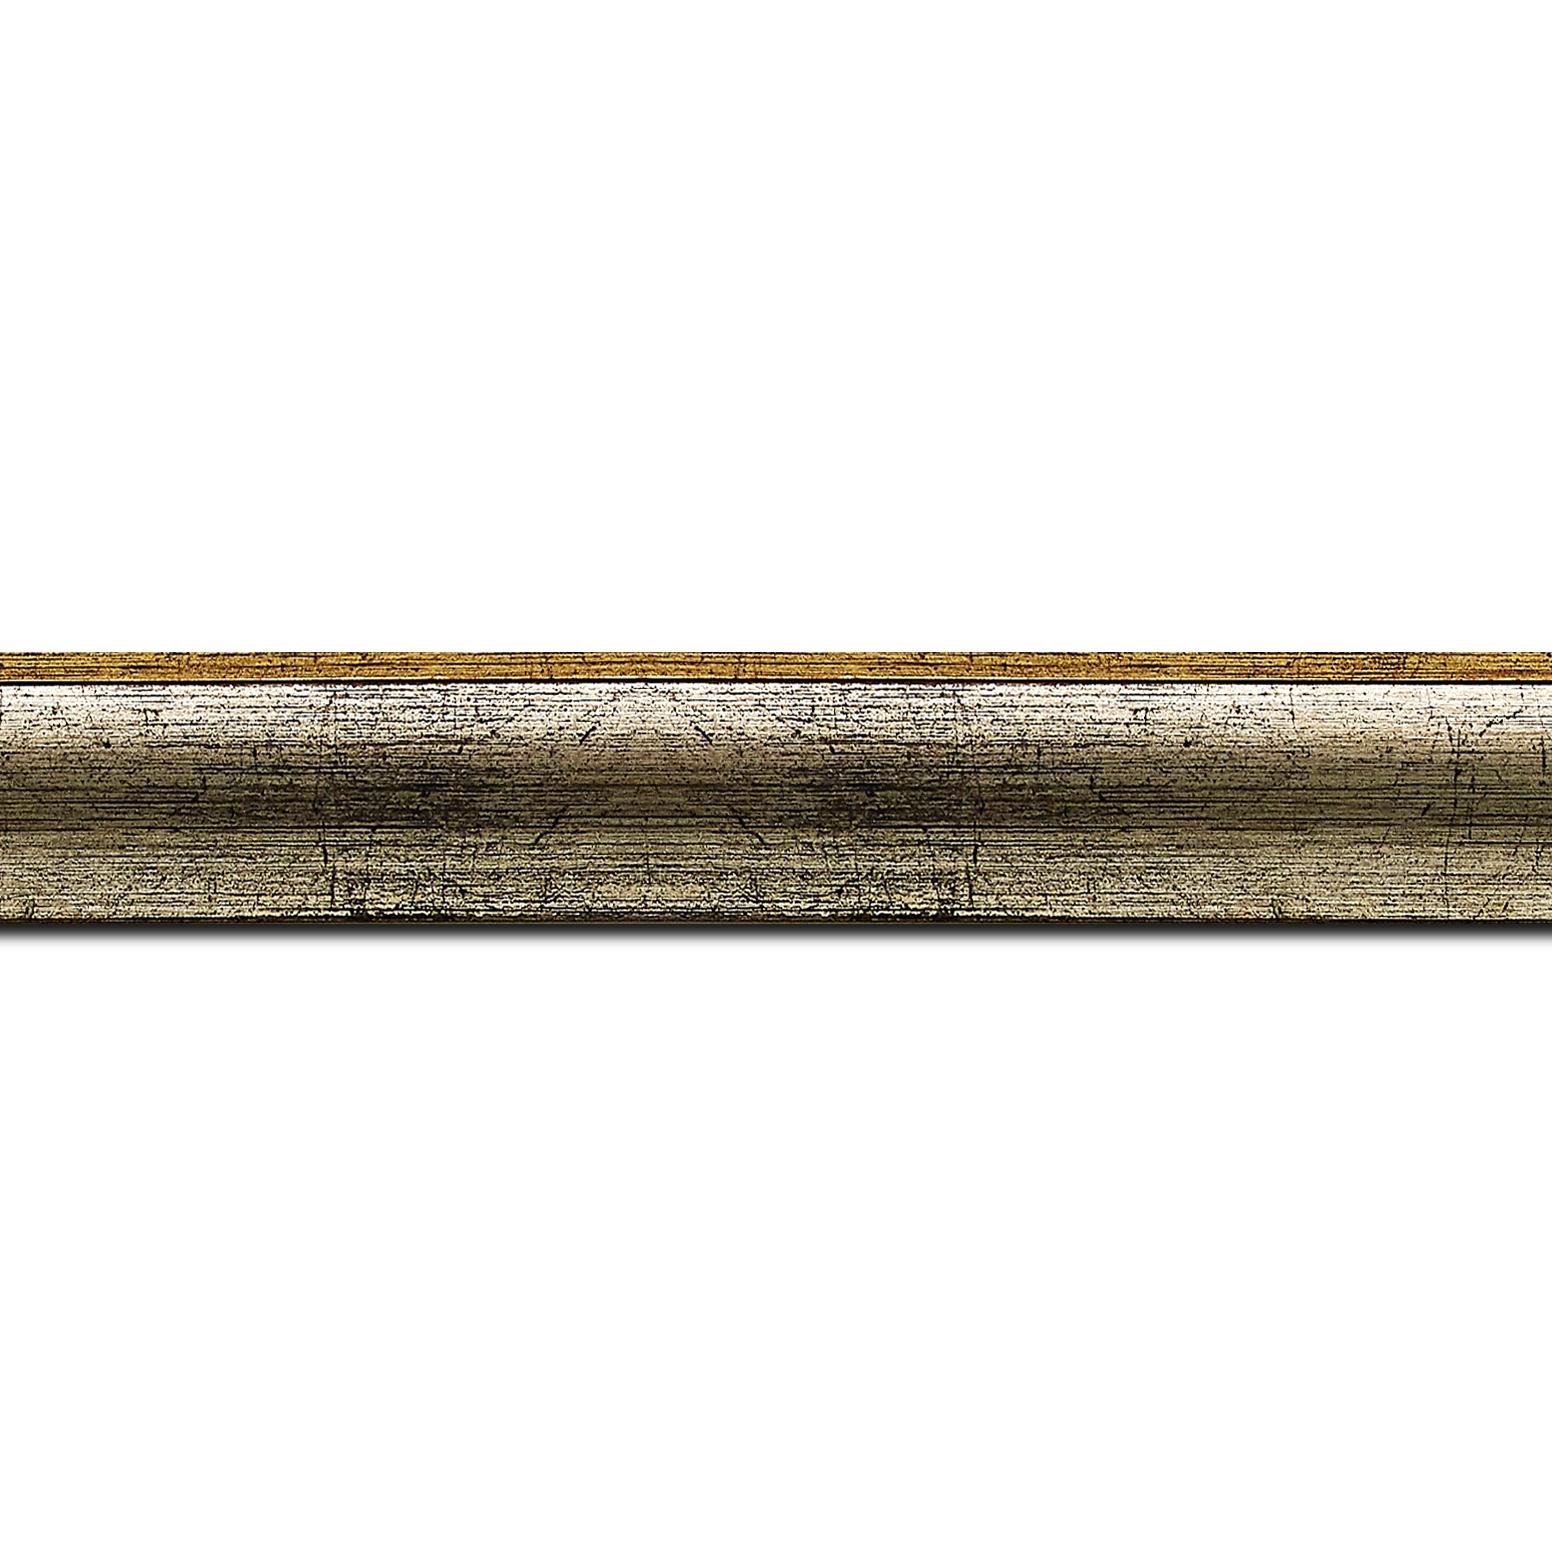 Baguette longueur 1.40m bois profil arrondi plongeant largeur 2.4cm couleur argent chaud effet oxydé filet extérieur or